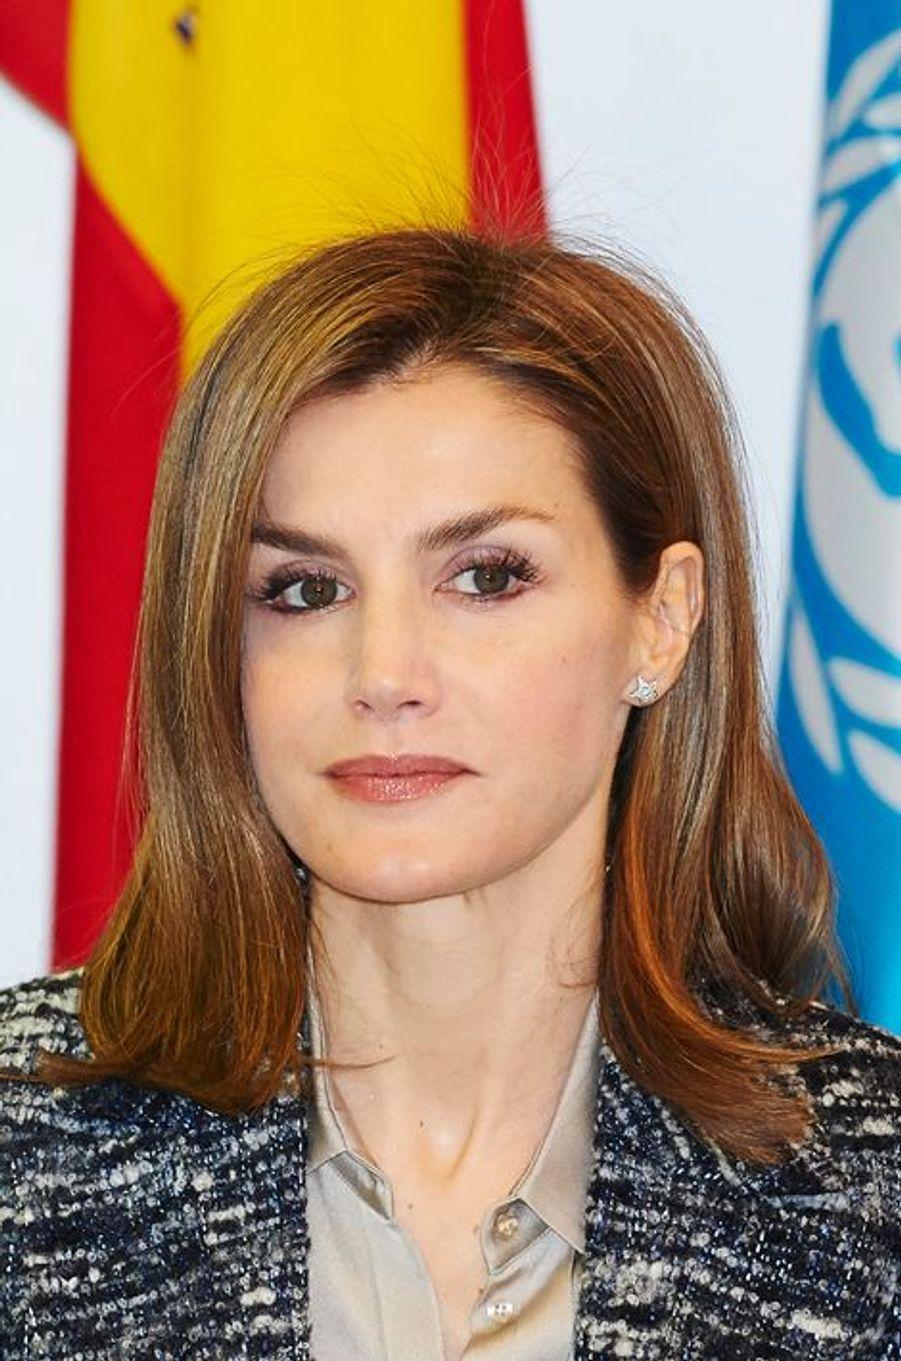 La reine Letizia d'Espagne préside le comité espagnol de l'Unicef à Madrid, le 16 mars 2015